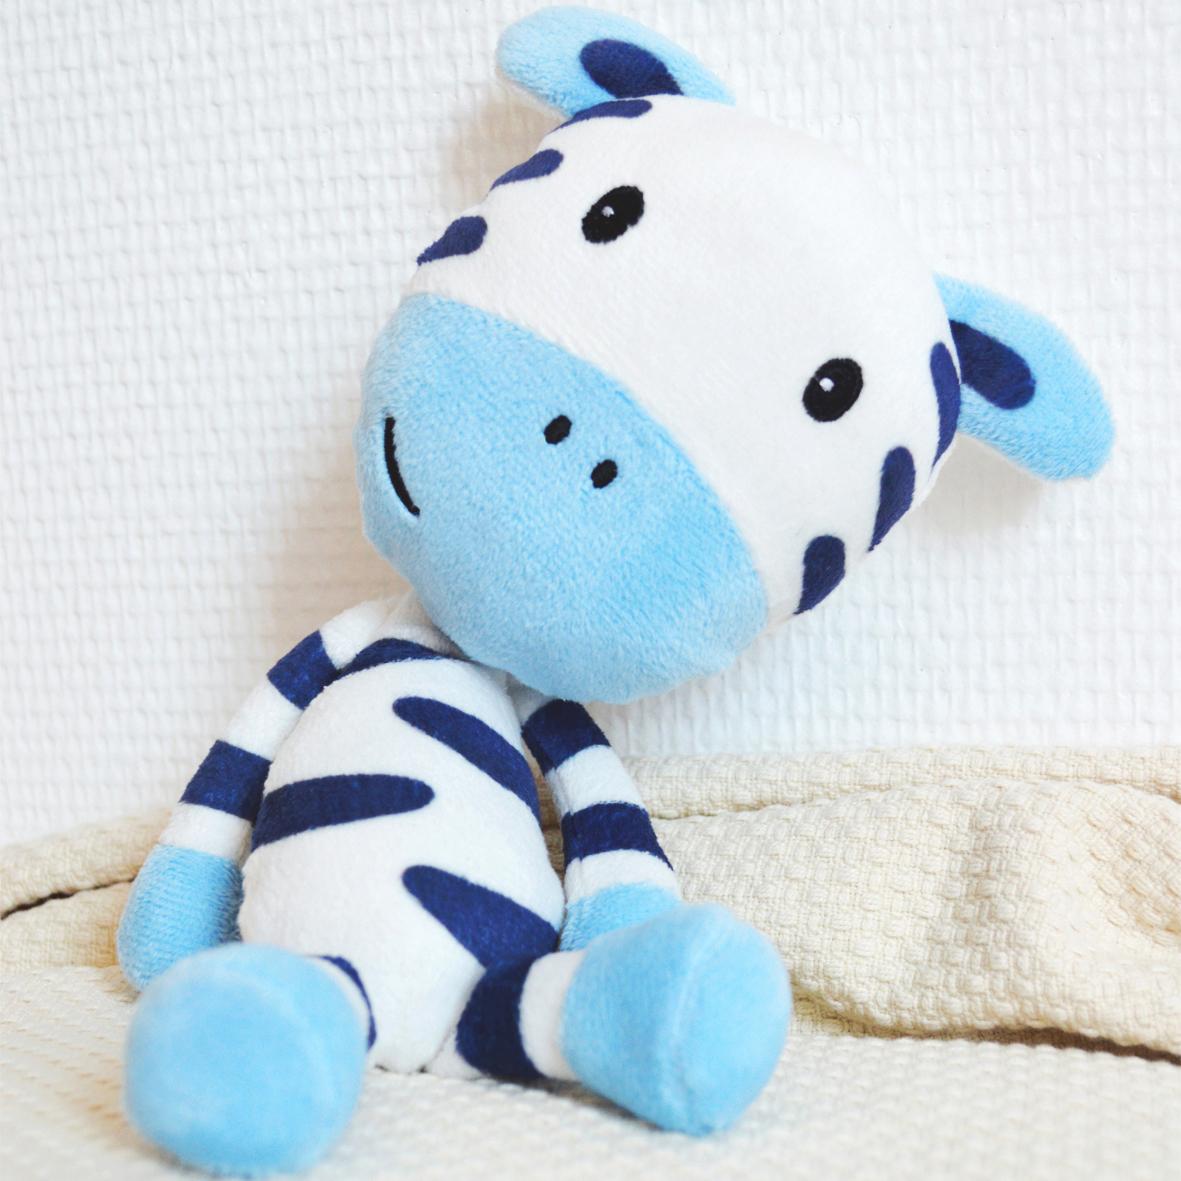 peluche tamarin le petit z bre peluche enfant ours kiwi cadeau naissance peluche 1 unbb3 0. Black Bedroom Furniture Sets. Home Design Ideas